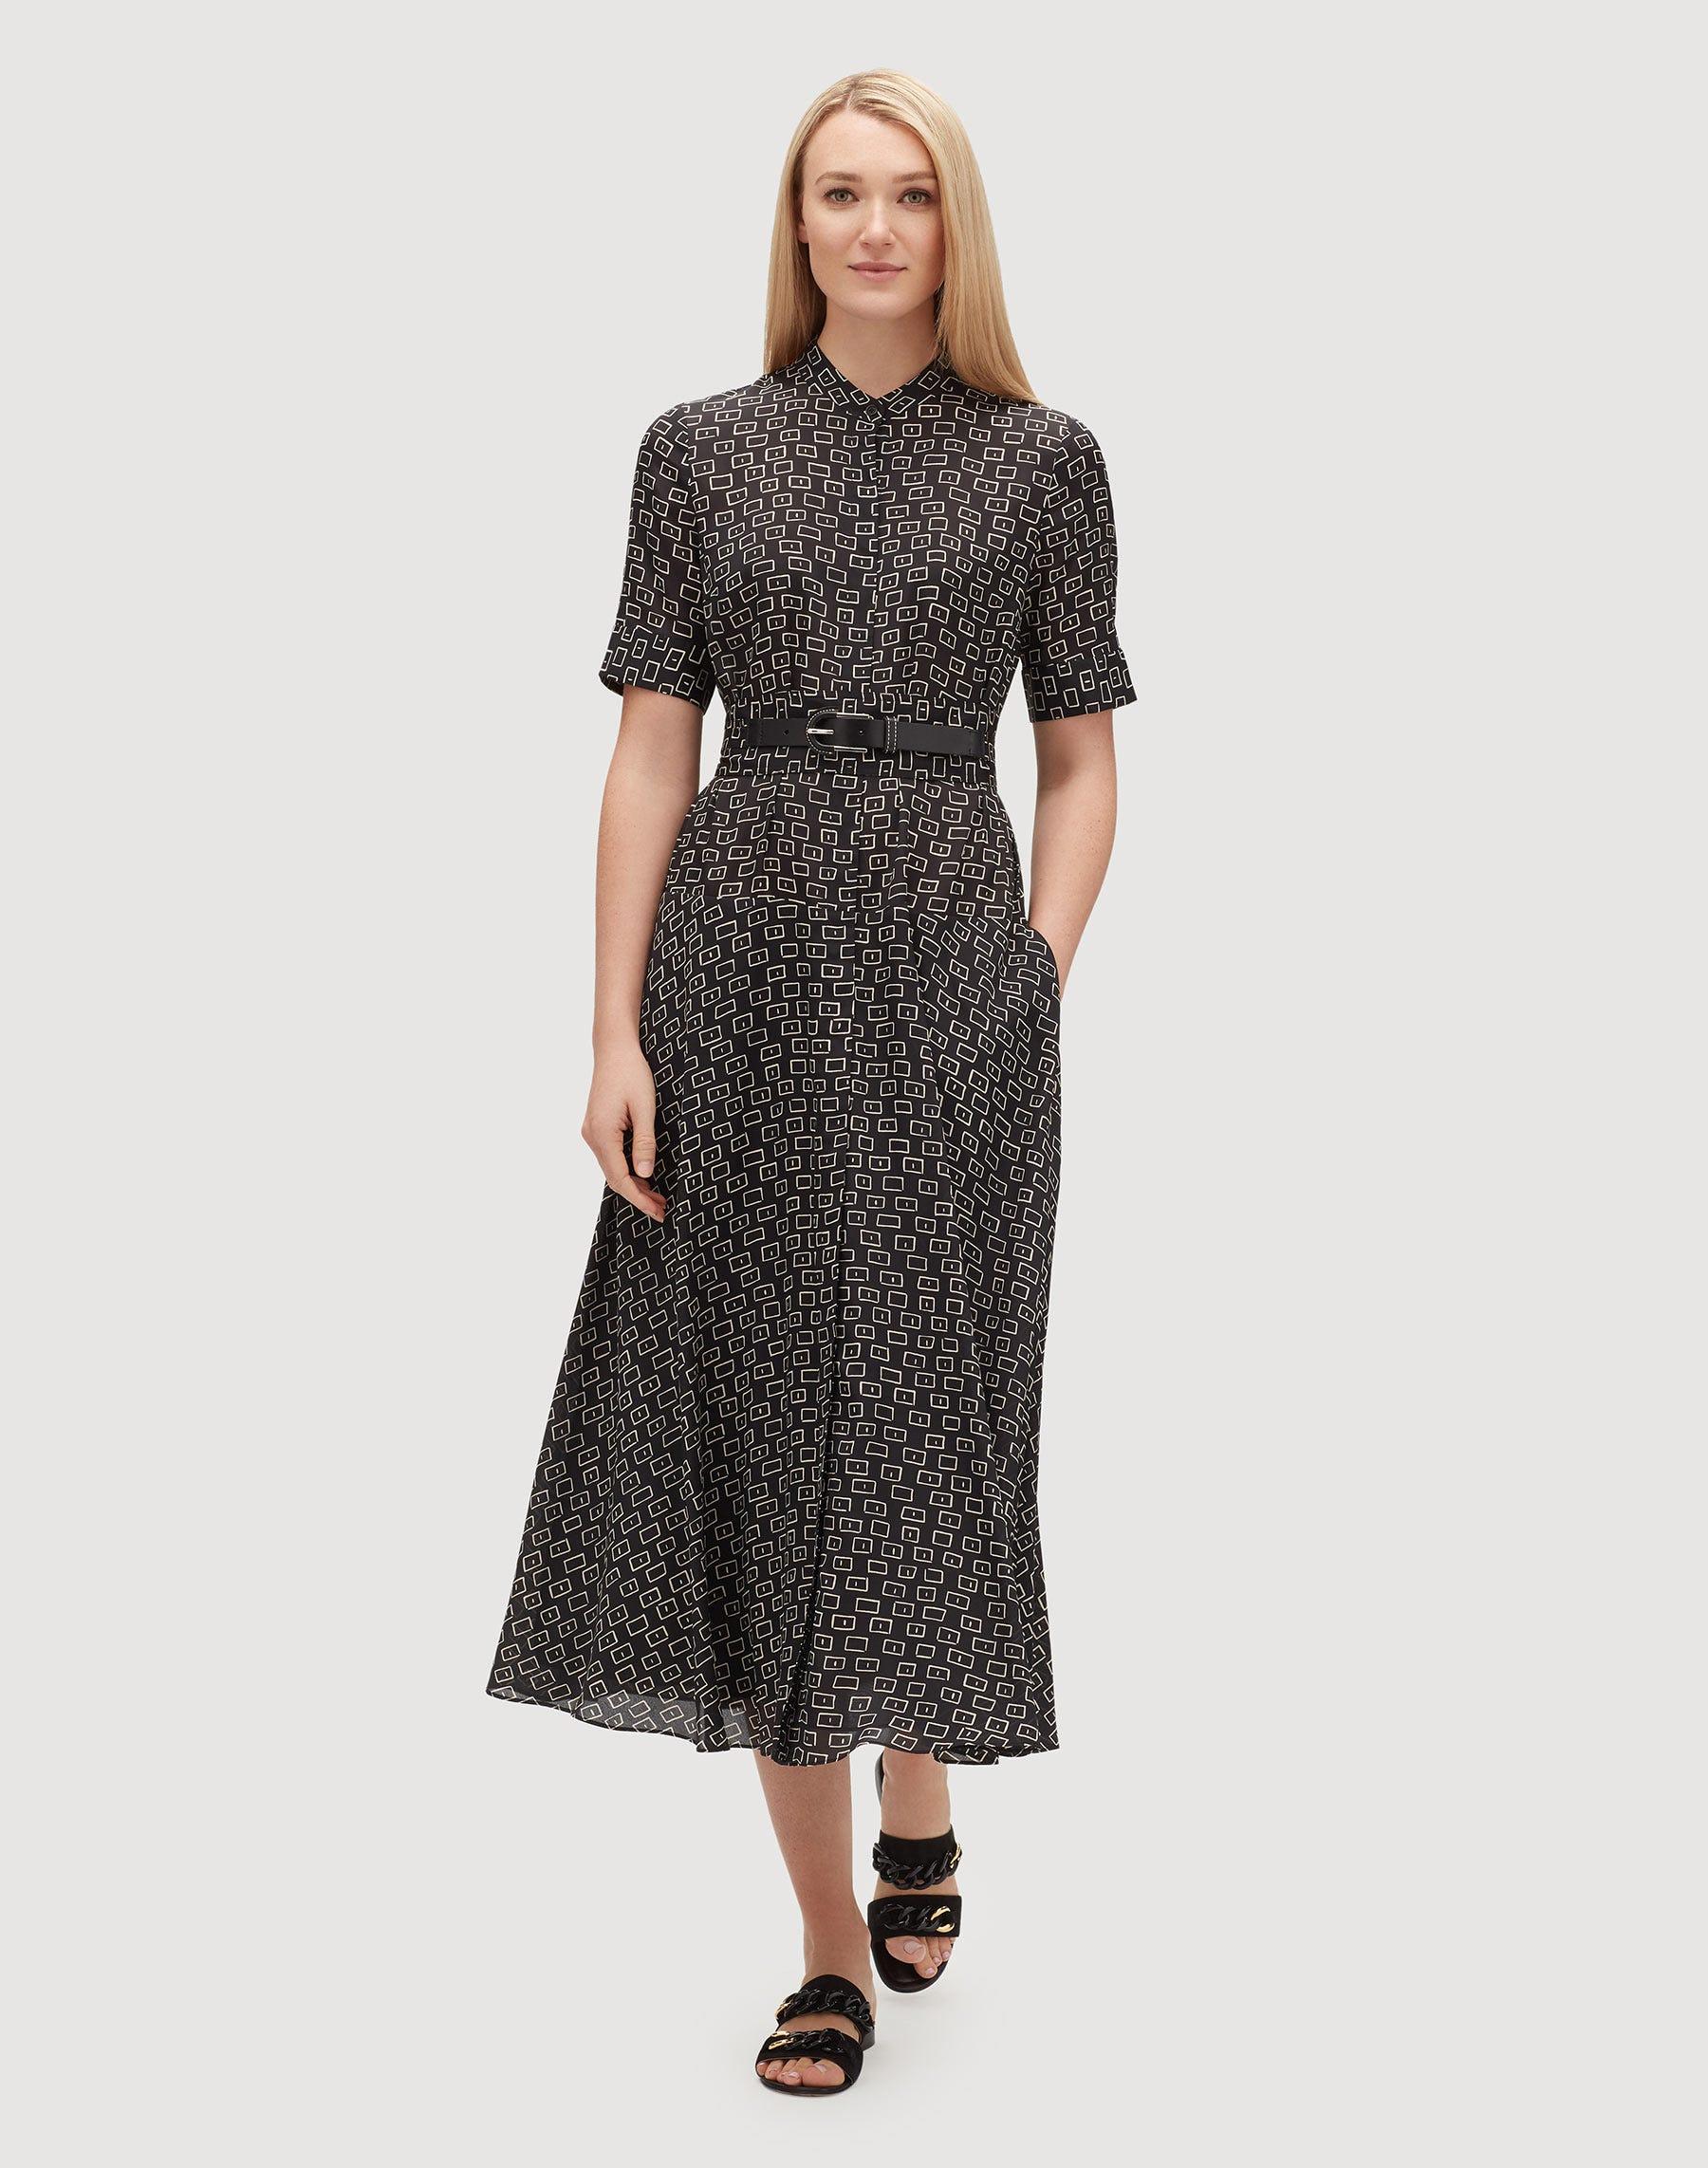 black coctail dress